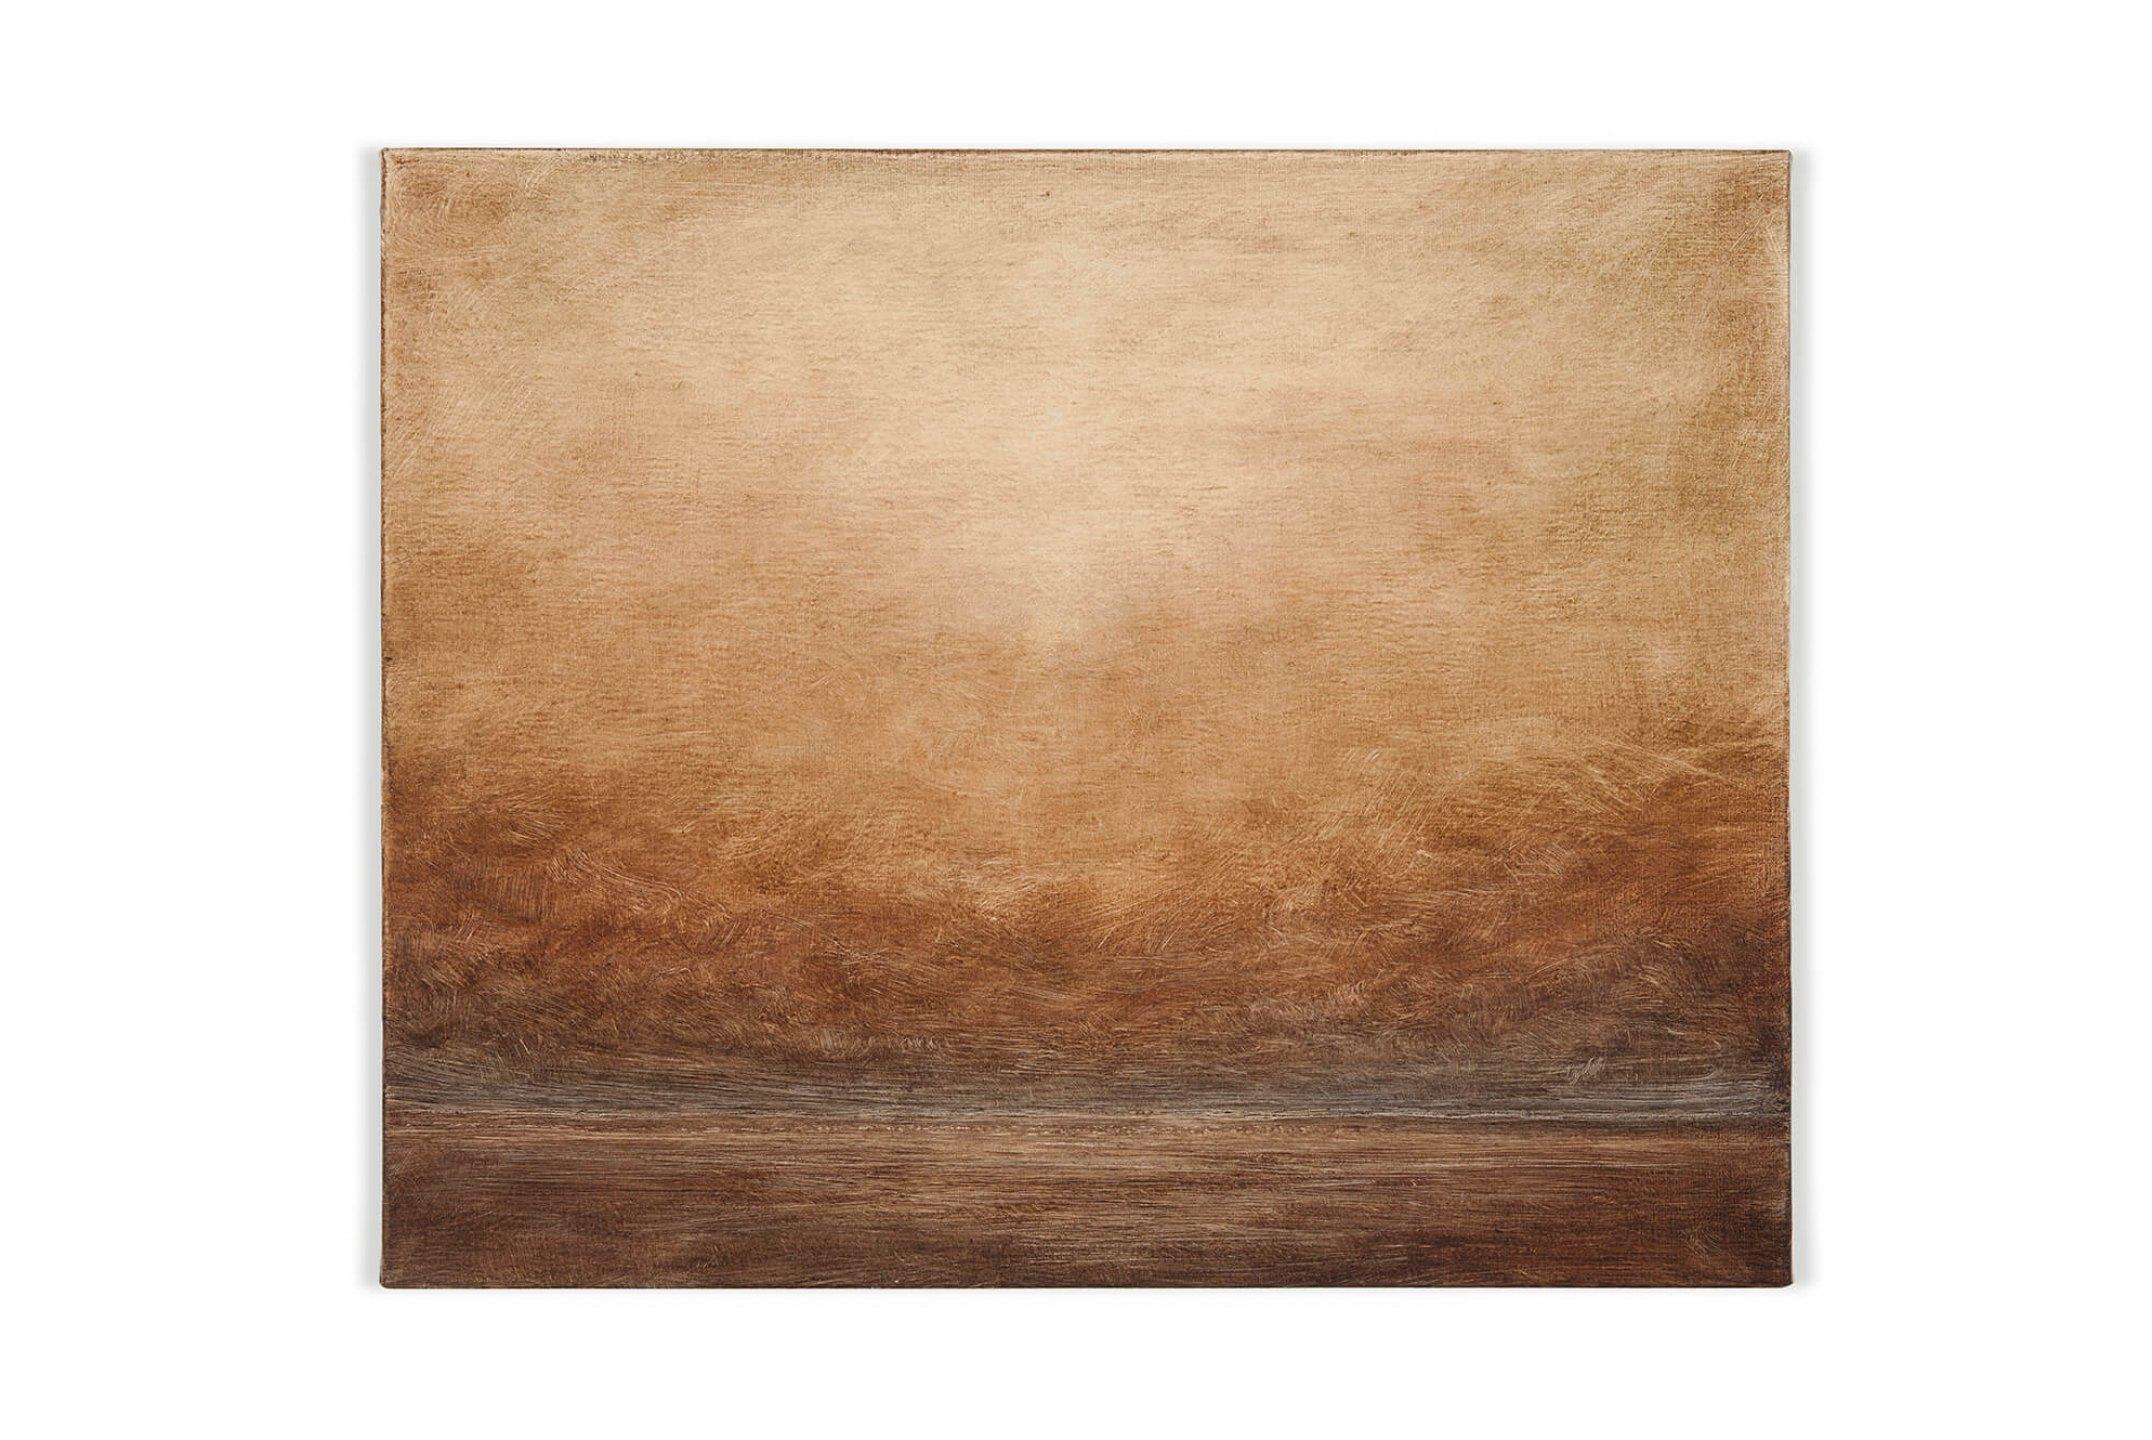 Lucas Arruda,<em>untitled</em>, 2014, oil on canvas, 30,5 × 37,5 cm - Mendes Wood DM